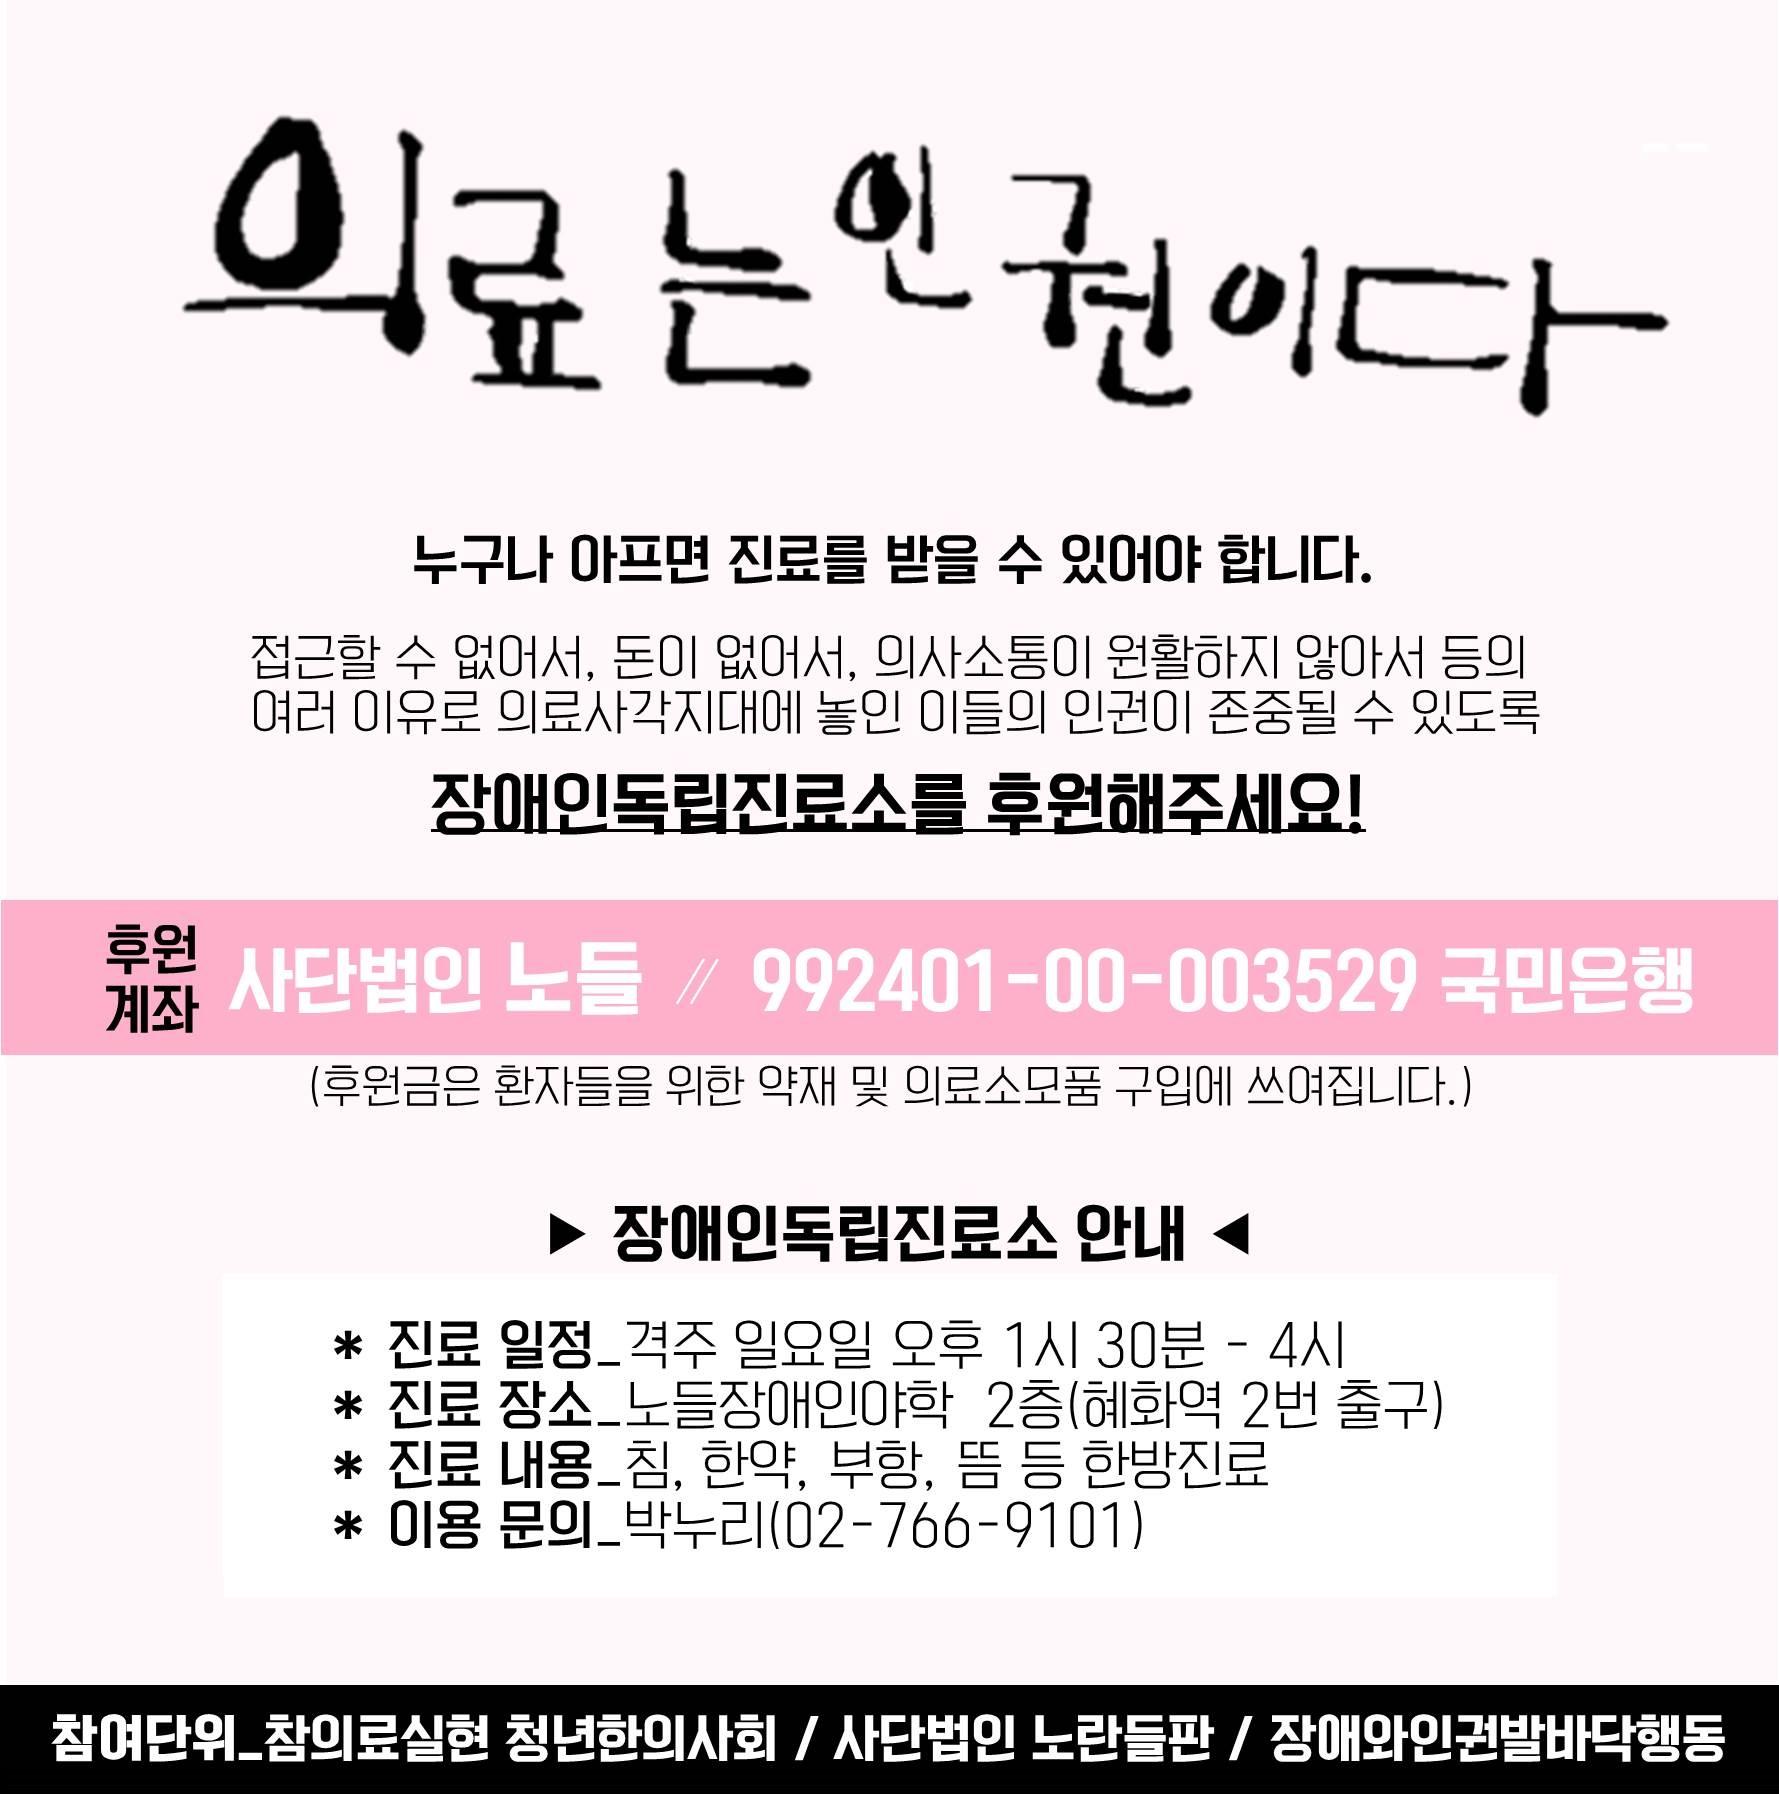 독립진료소 후원 최종수정.jpg